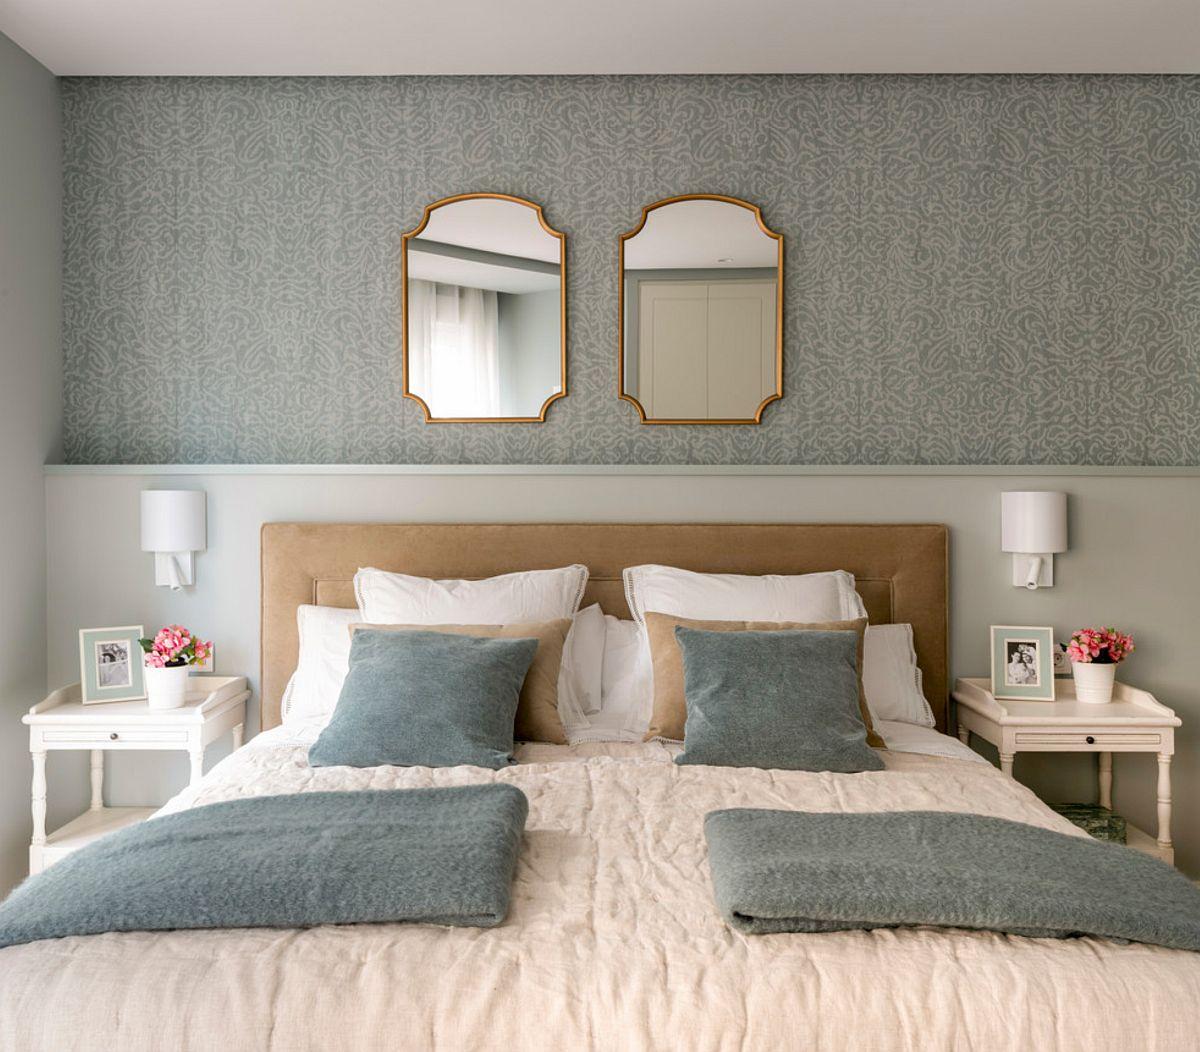 Forma atipică a camerei a fost exploatată pentru configurarea unui tablii de pat fixe, din zidărie, în care sunt integrate traseele electrice pentru aplicele de perete. S-a creat practic o poliță, deasipra căreia designerii au prevăzut în zonă un tapet.